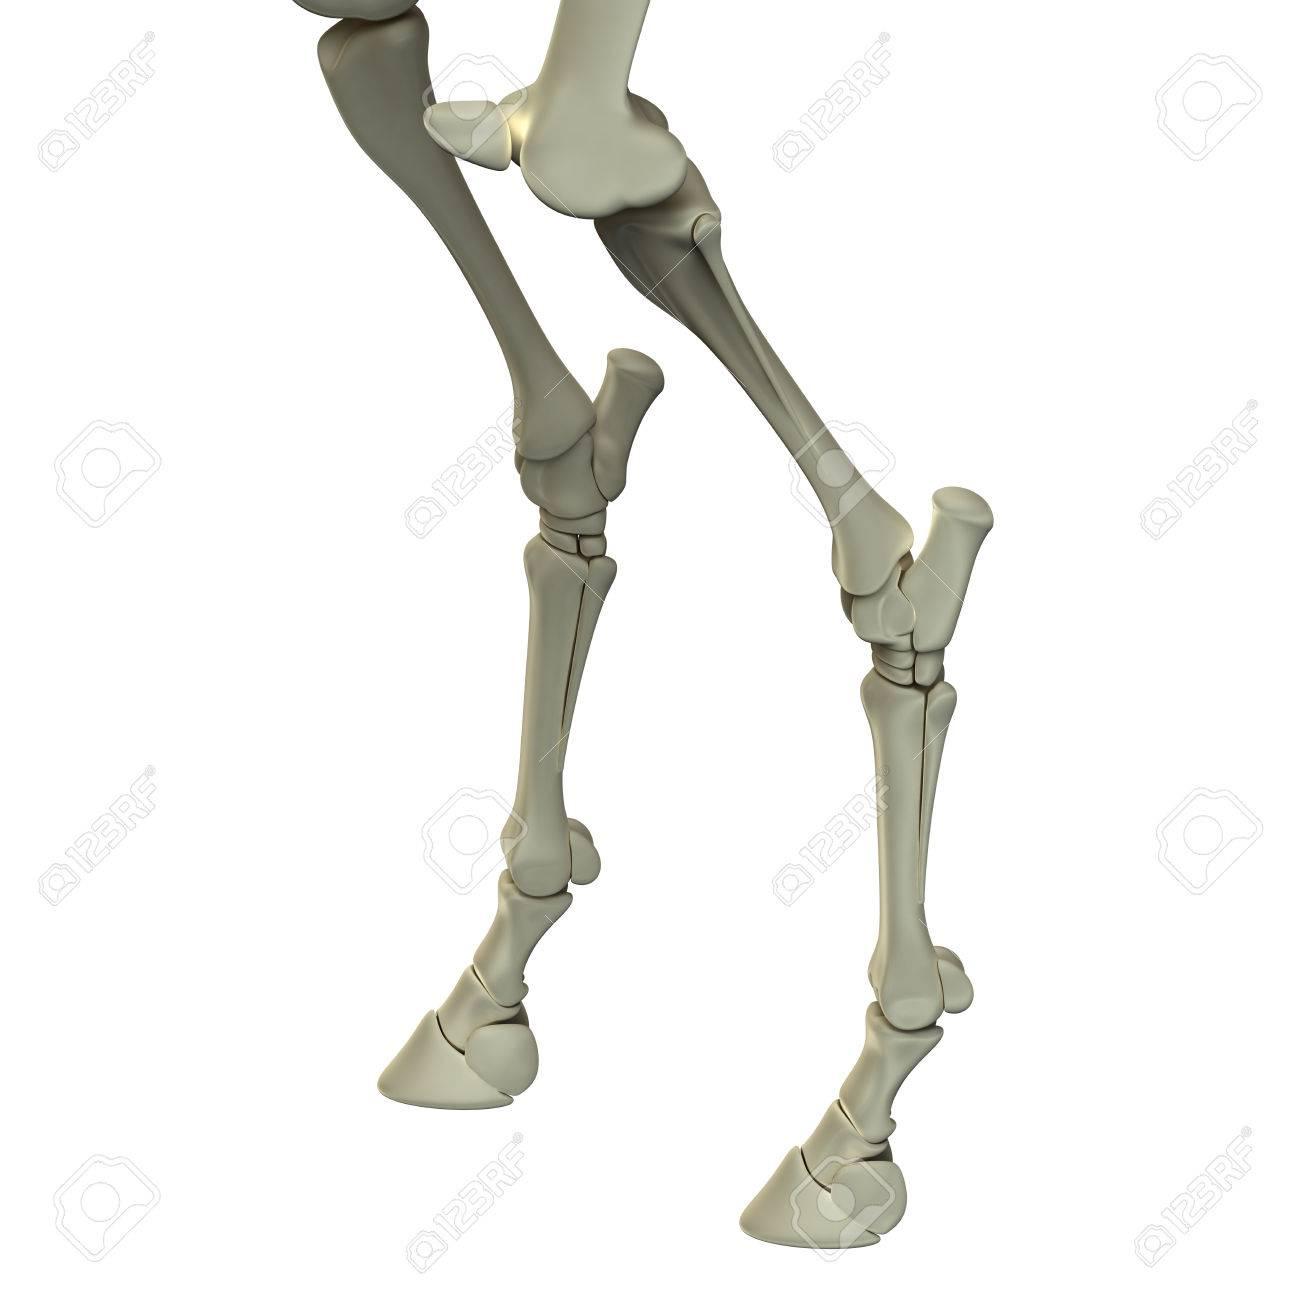 Pferde Hind Leg Bones Pferd Equus Anatomy Isoliert Auf Wei